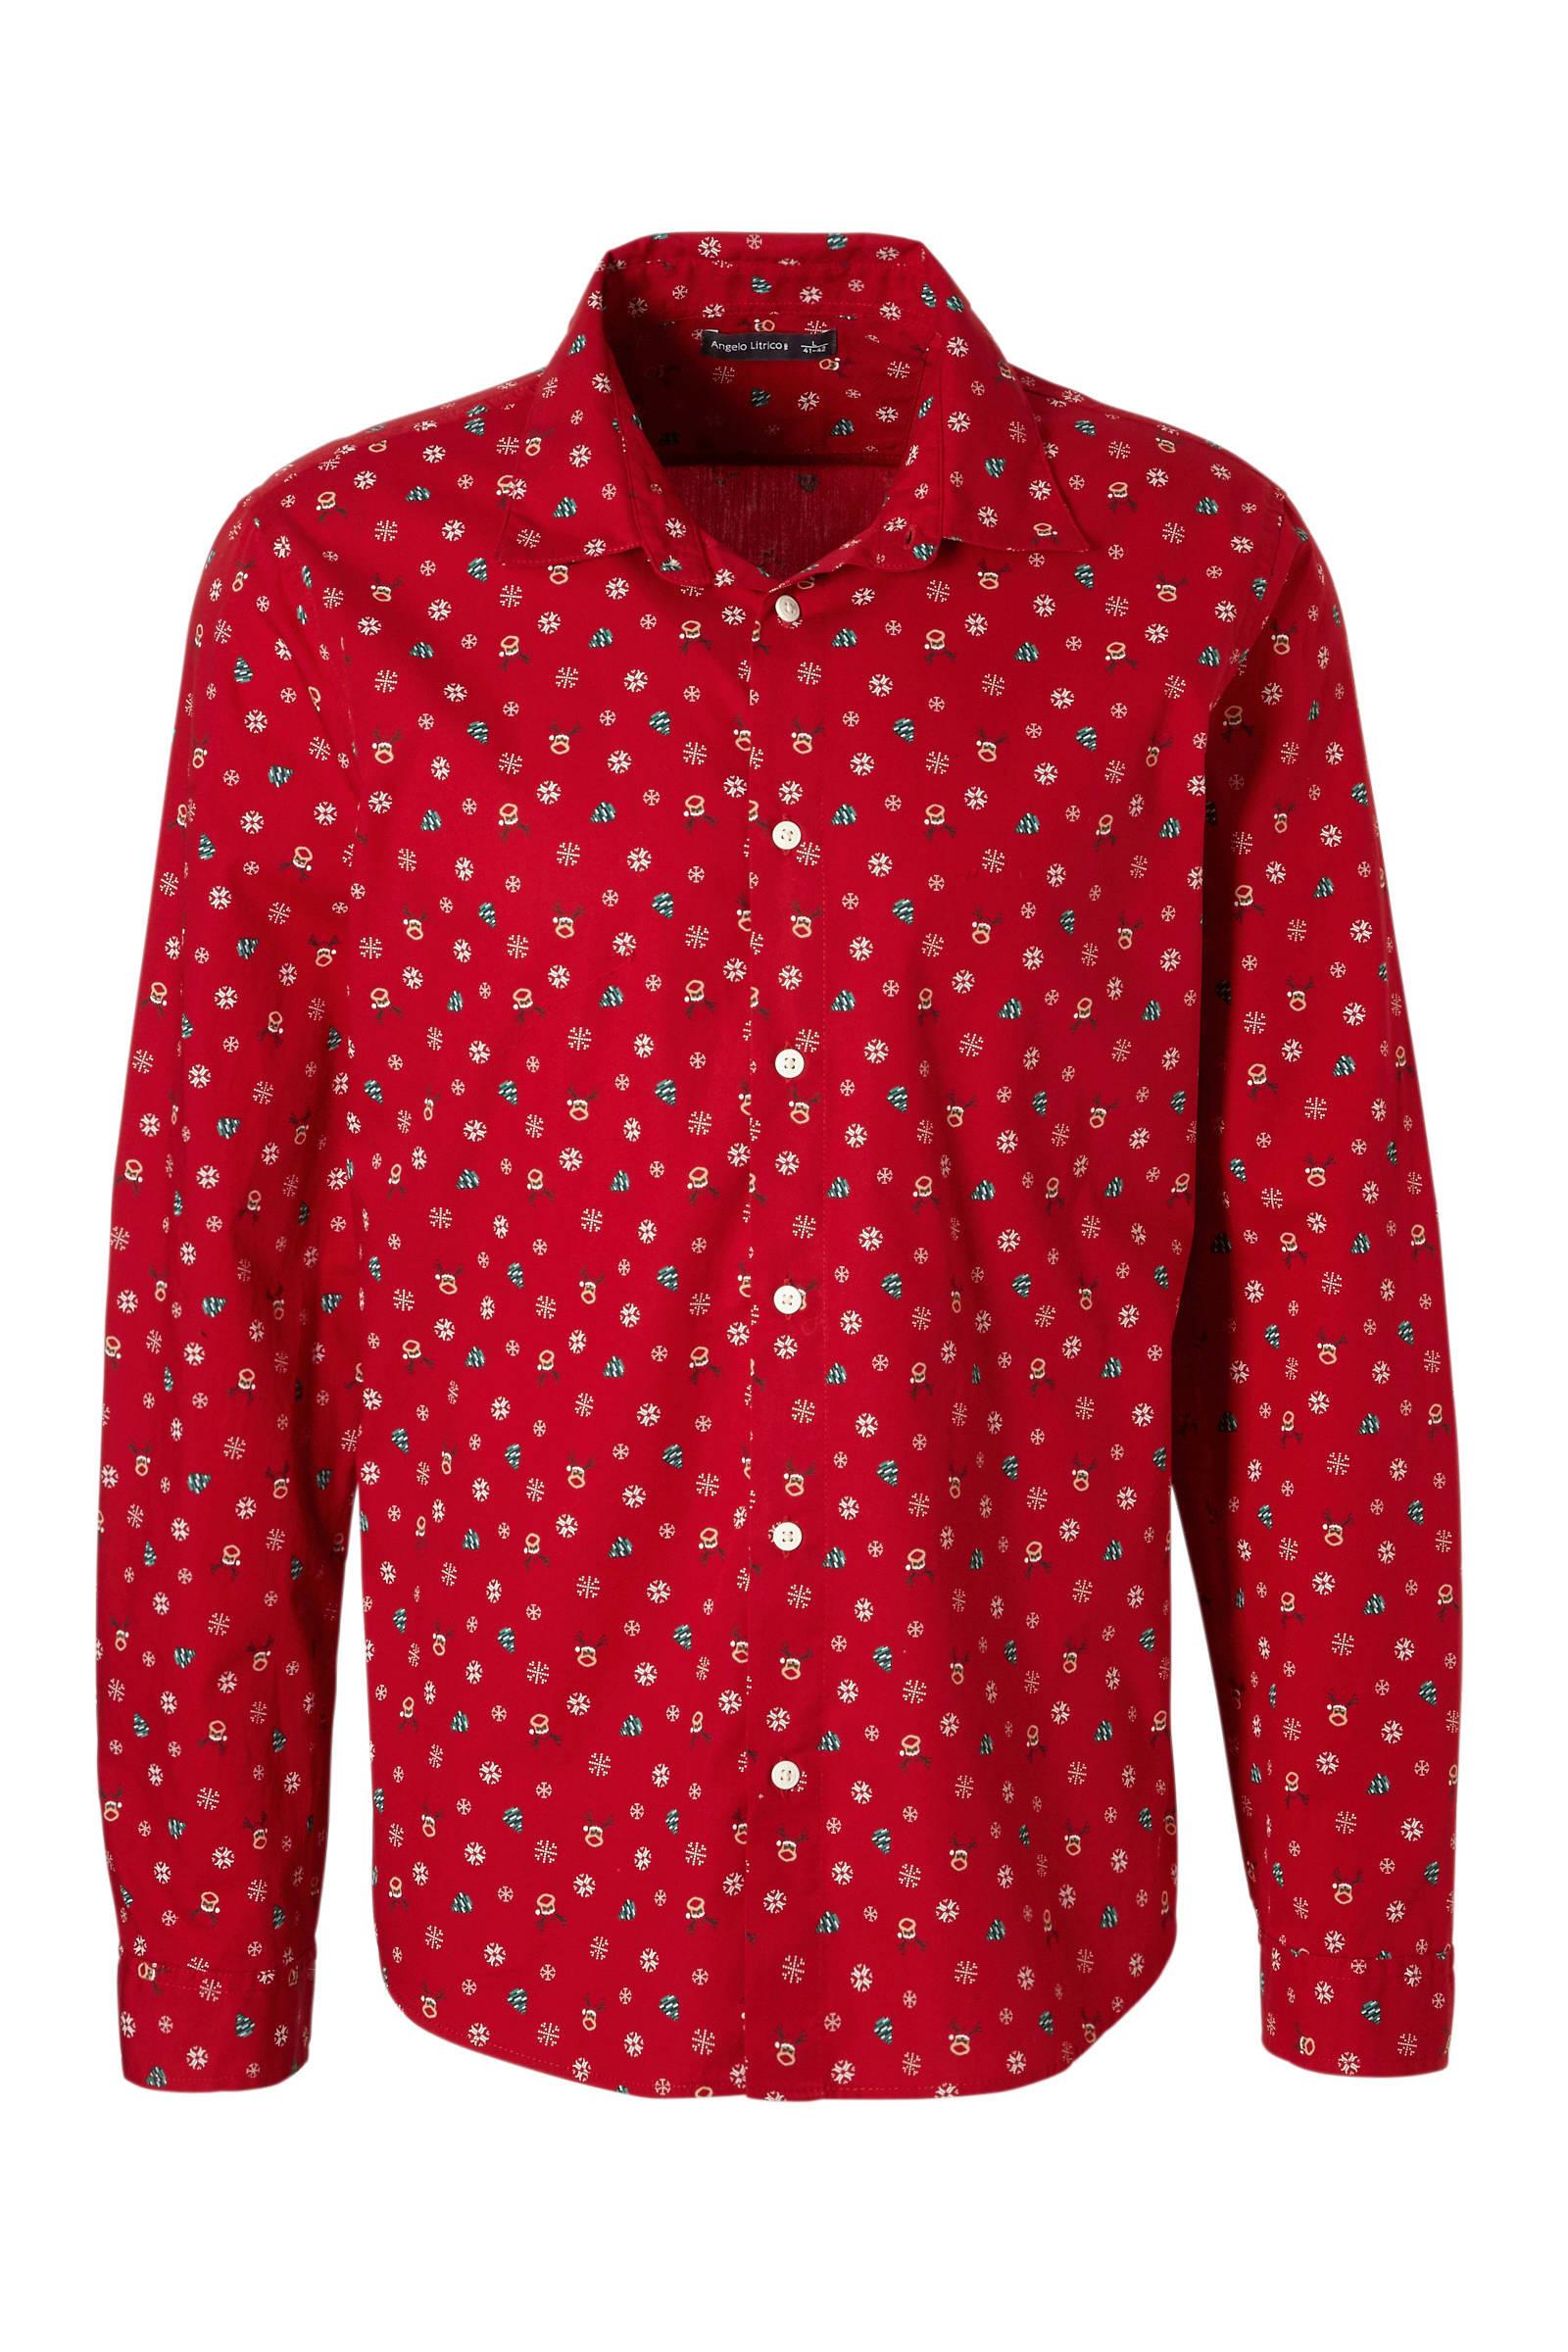 Overhemd Kerst.Angelo Litrico Overhemd Met Kerstmotief Rood